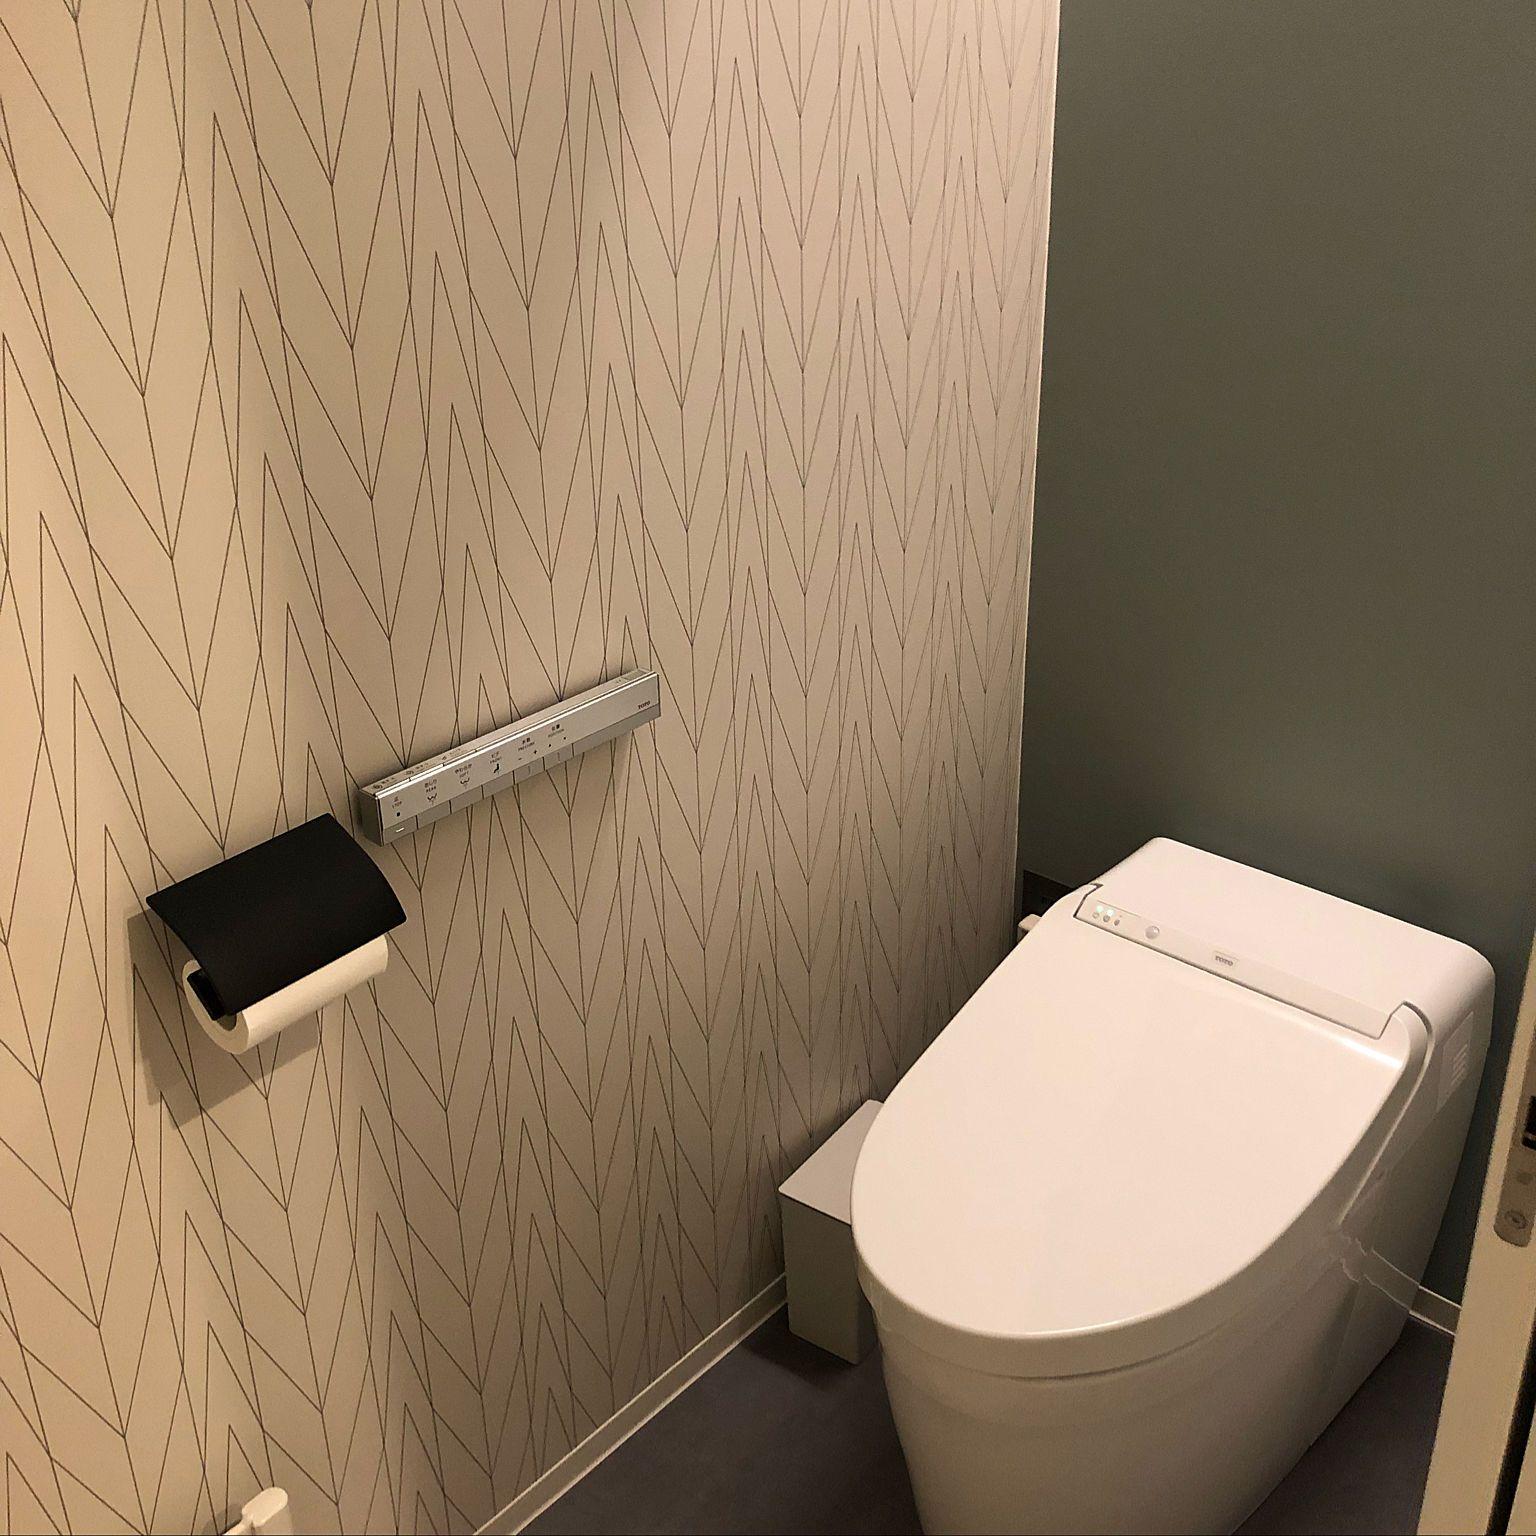 バス トイレ カワジュン スティックリモコン Totoのインテリア実例